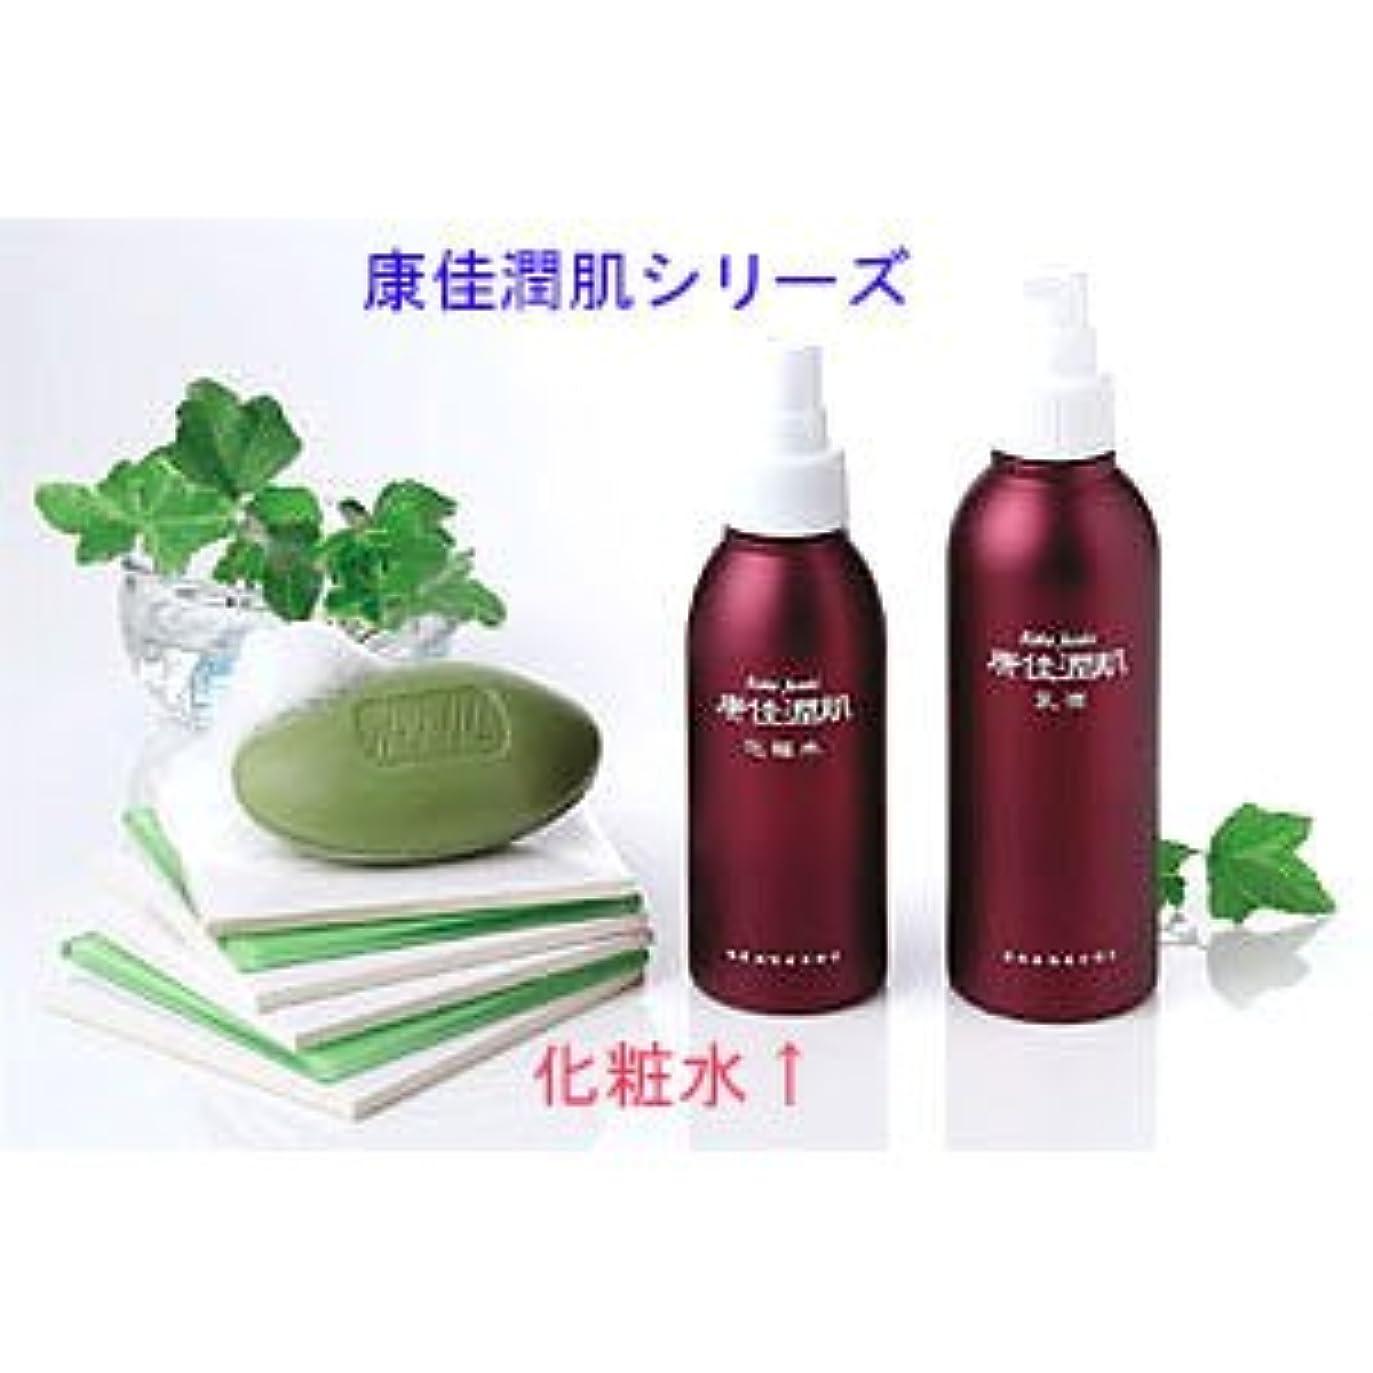 まばたきもう一度チャーター『康佳潤肌(こうかじゅんき)化粧水』赤ちゃん、アトピー、敏感肌の方のために!医師が開発した保湿と清浄に優れた漢方薬入り化粧品。